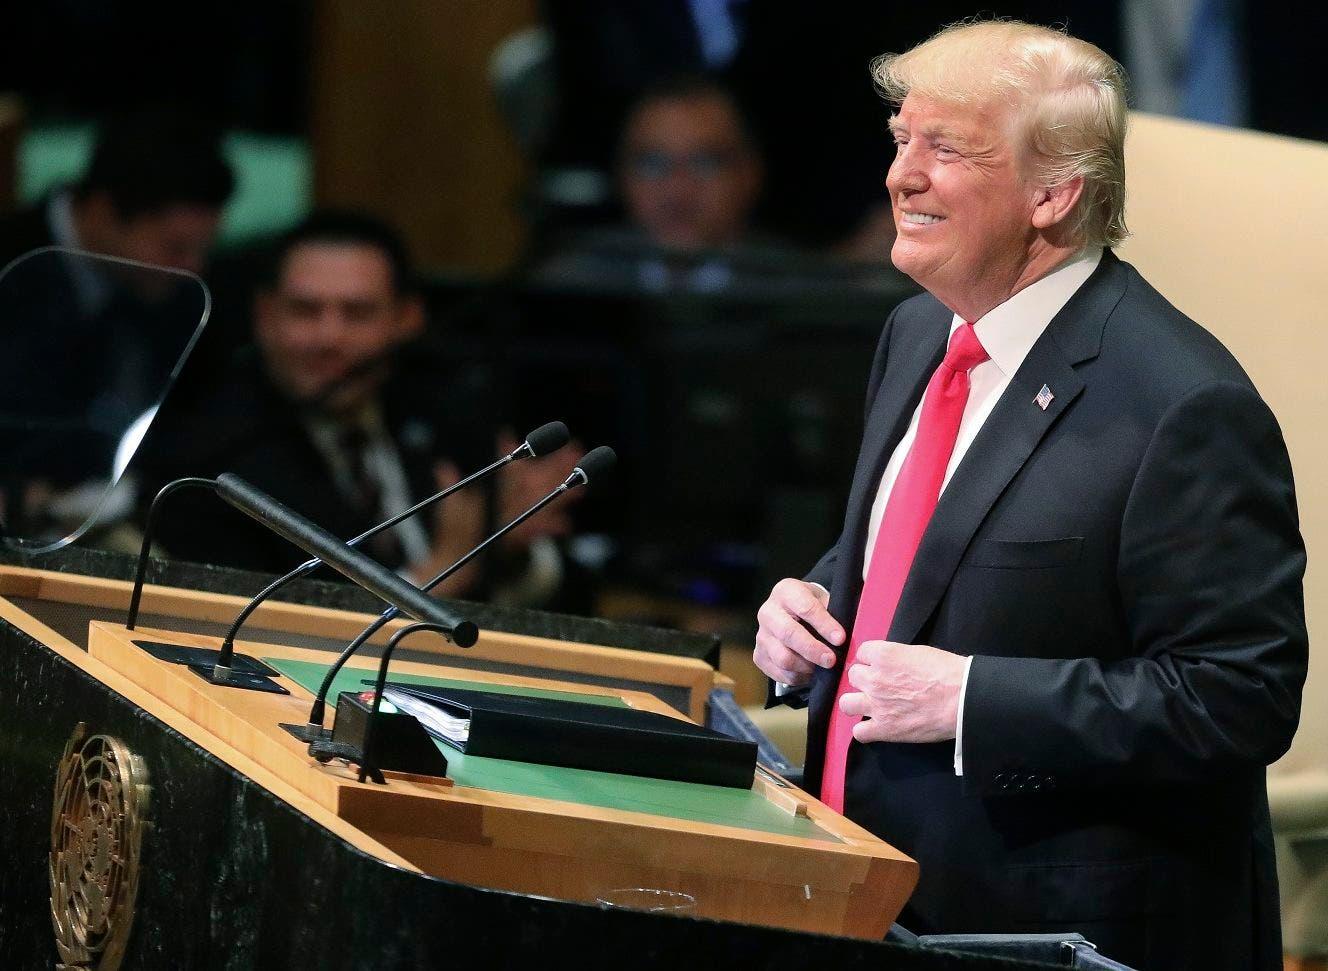 En lugar de aplausos o señales de aprobación a Donald Trump, sus audiencias reaccionaron con risillas e incluso algunas carcajadas.